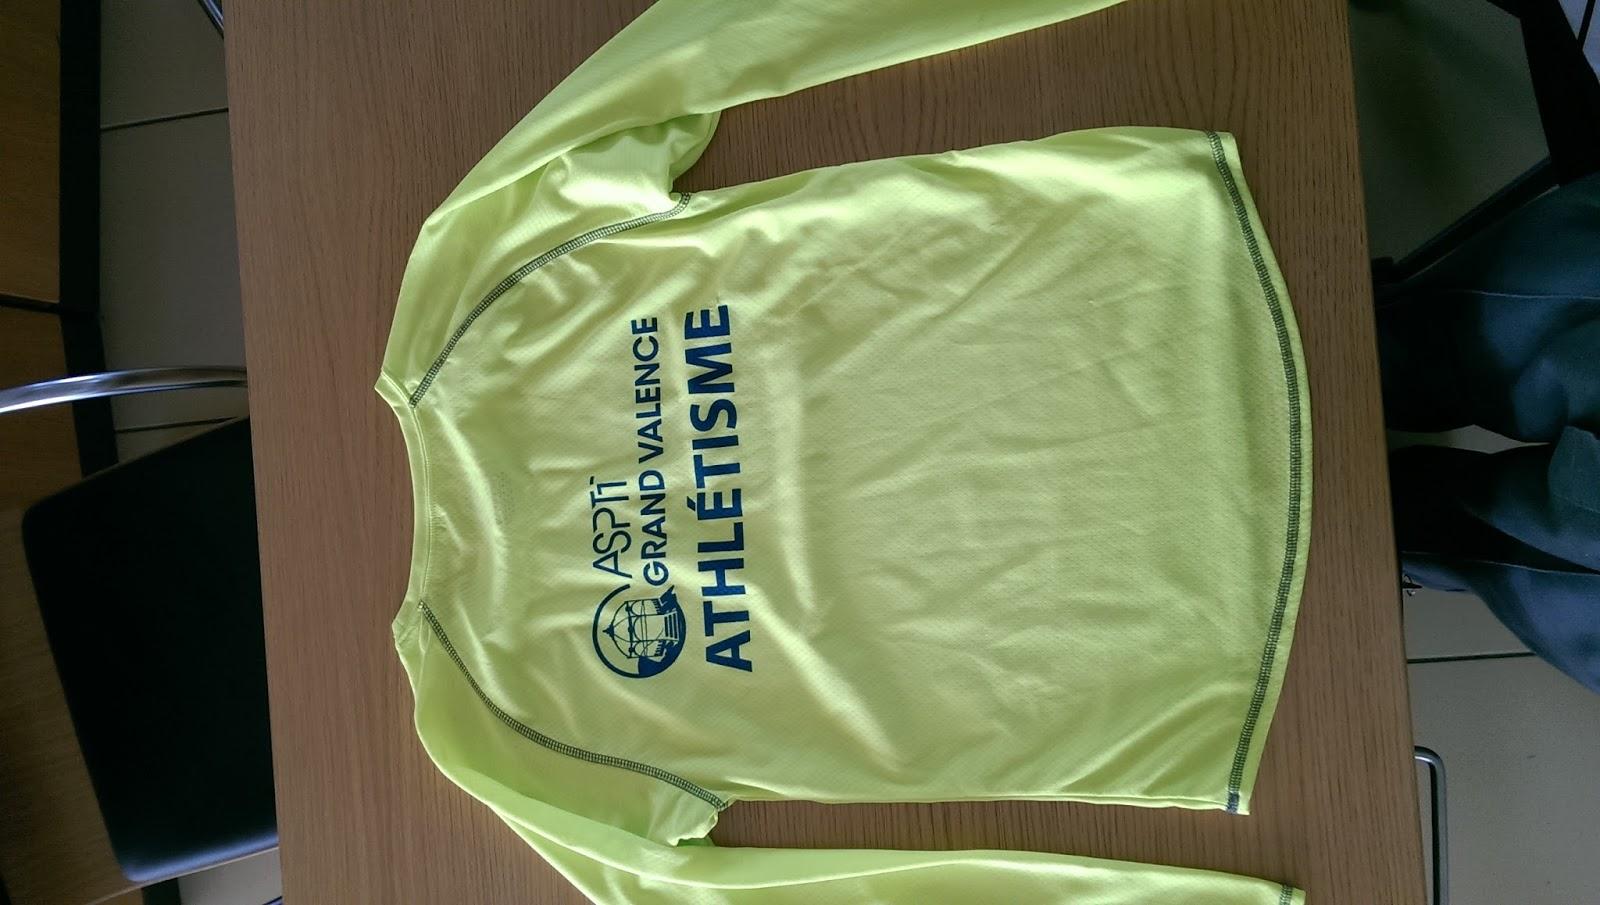 Les coureurs de l 39 asptt grand valence l 39 asptt vous propose tshirt et gilet aux couleurs du club - Le plateau des couleures valence ...